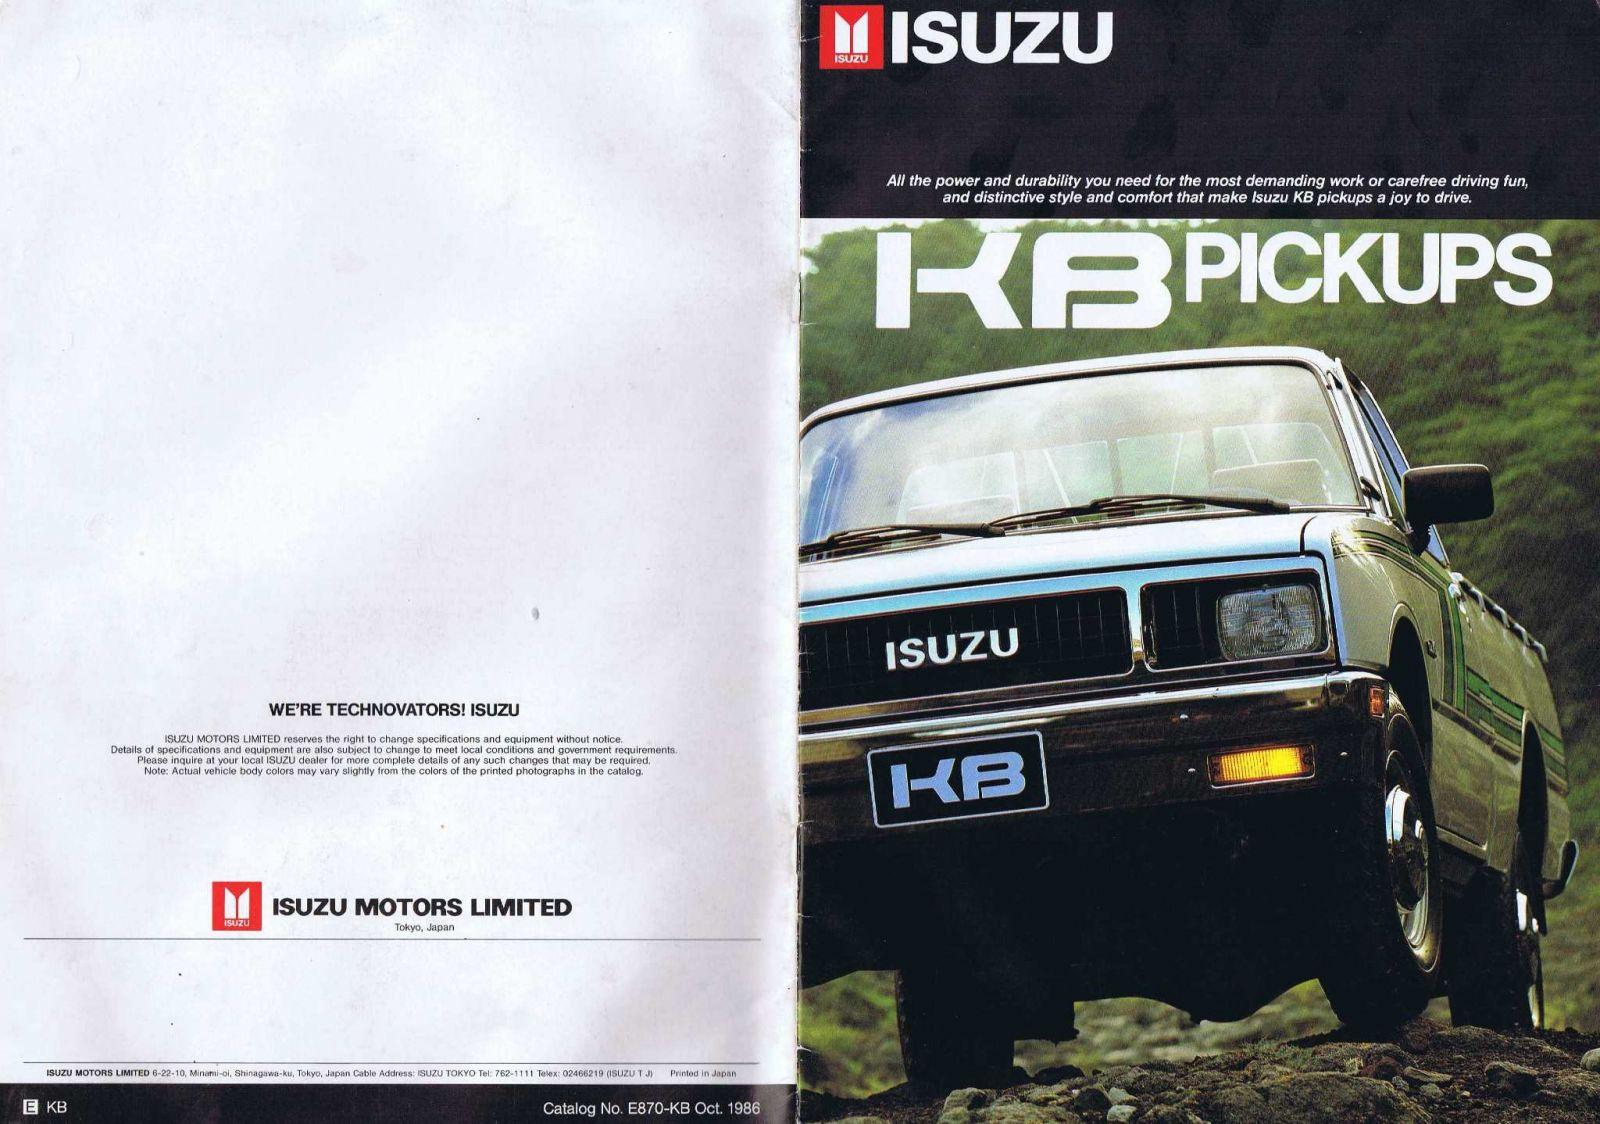 1987 Isuzu KBD Page 02.JPG